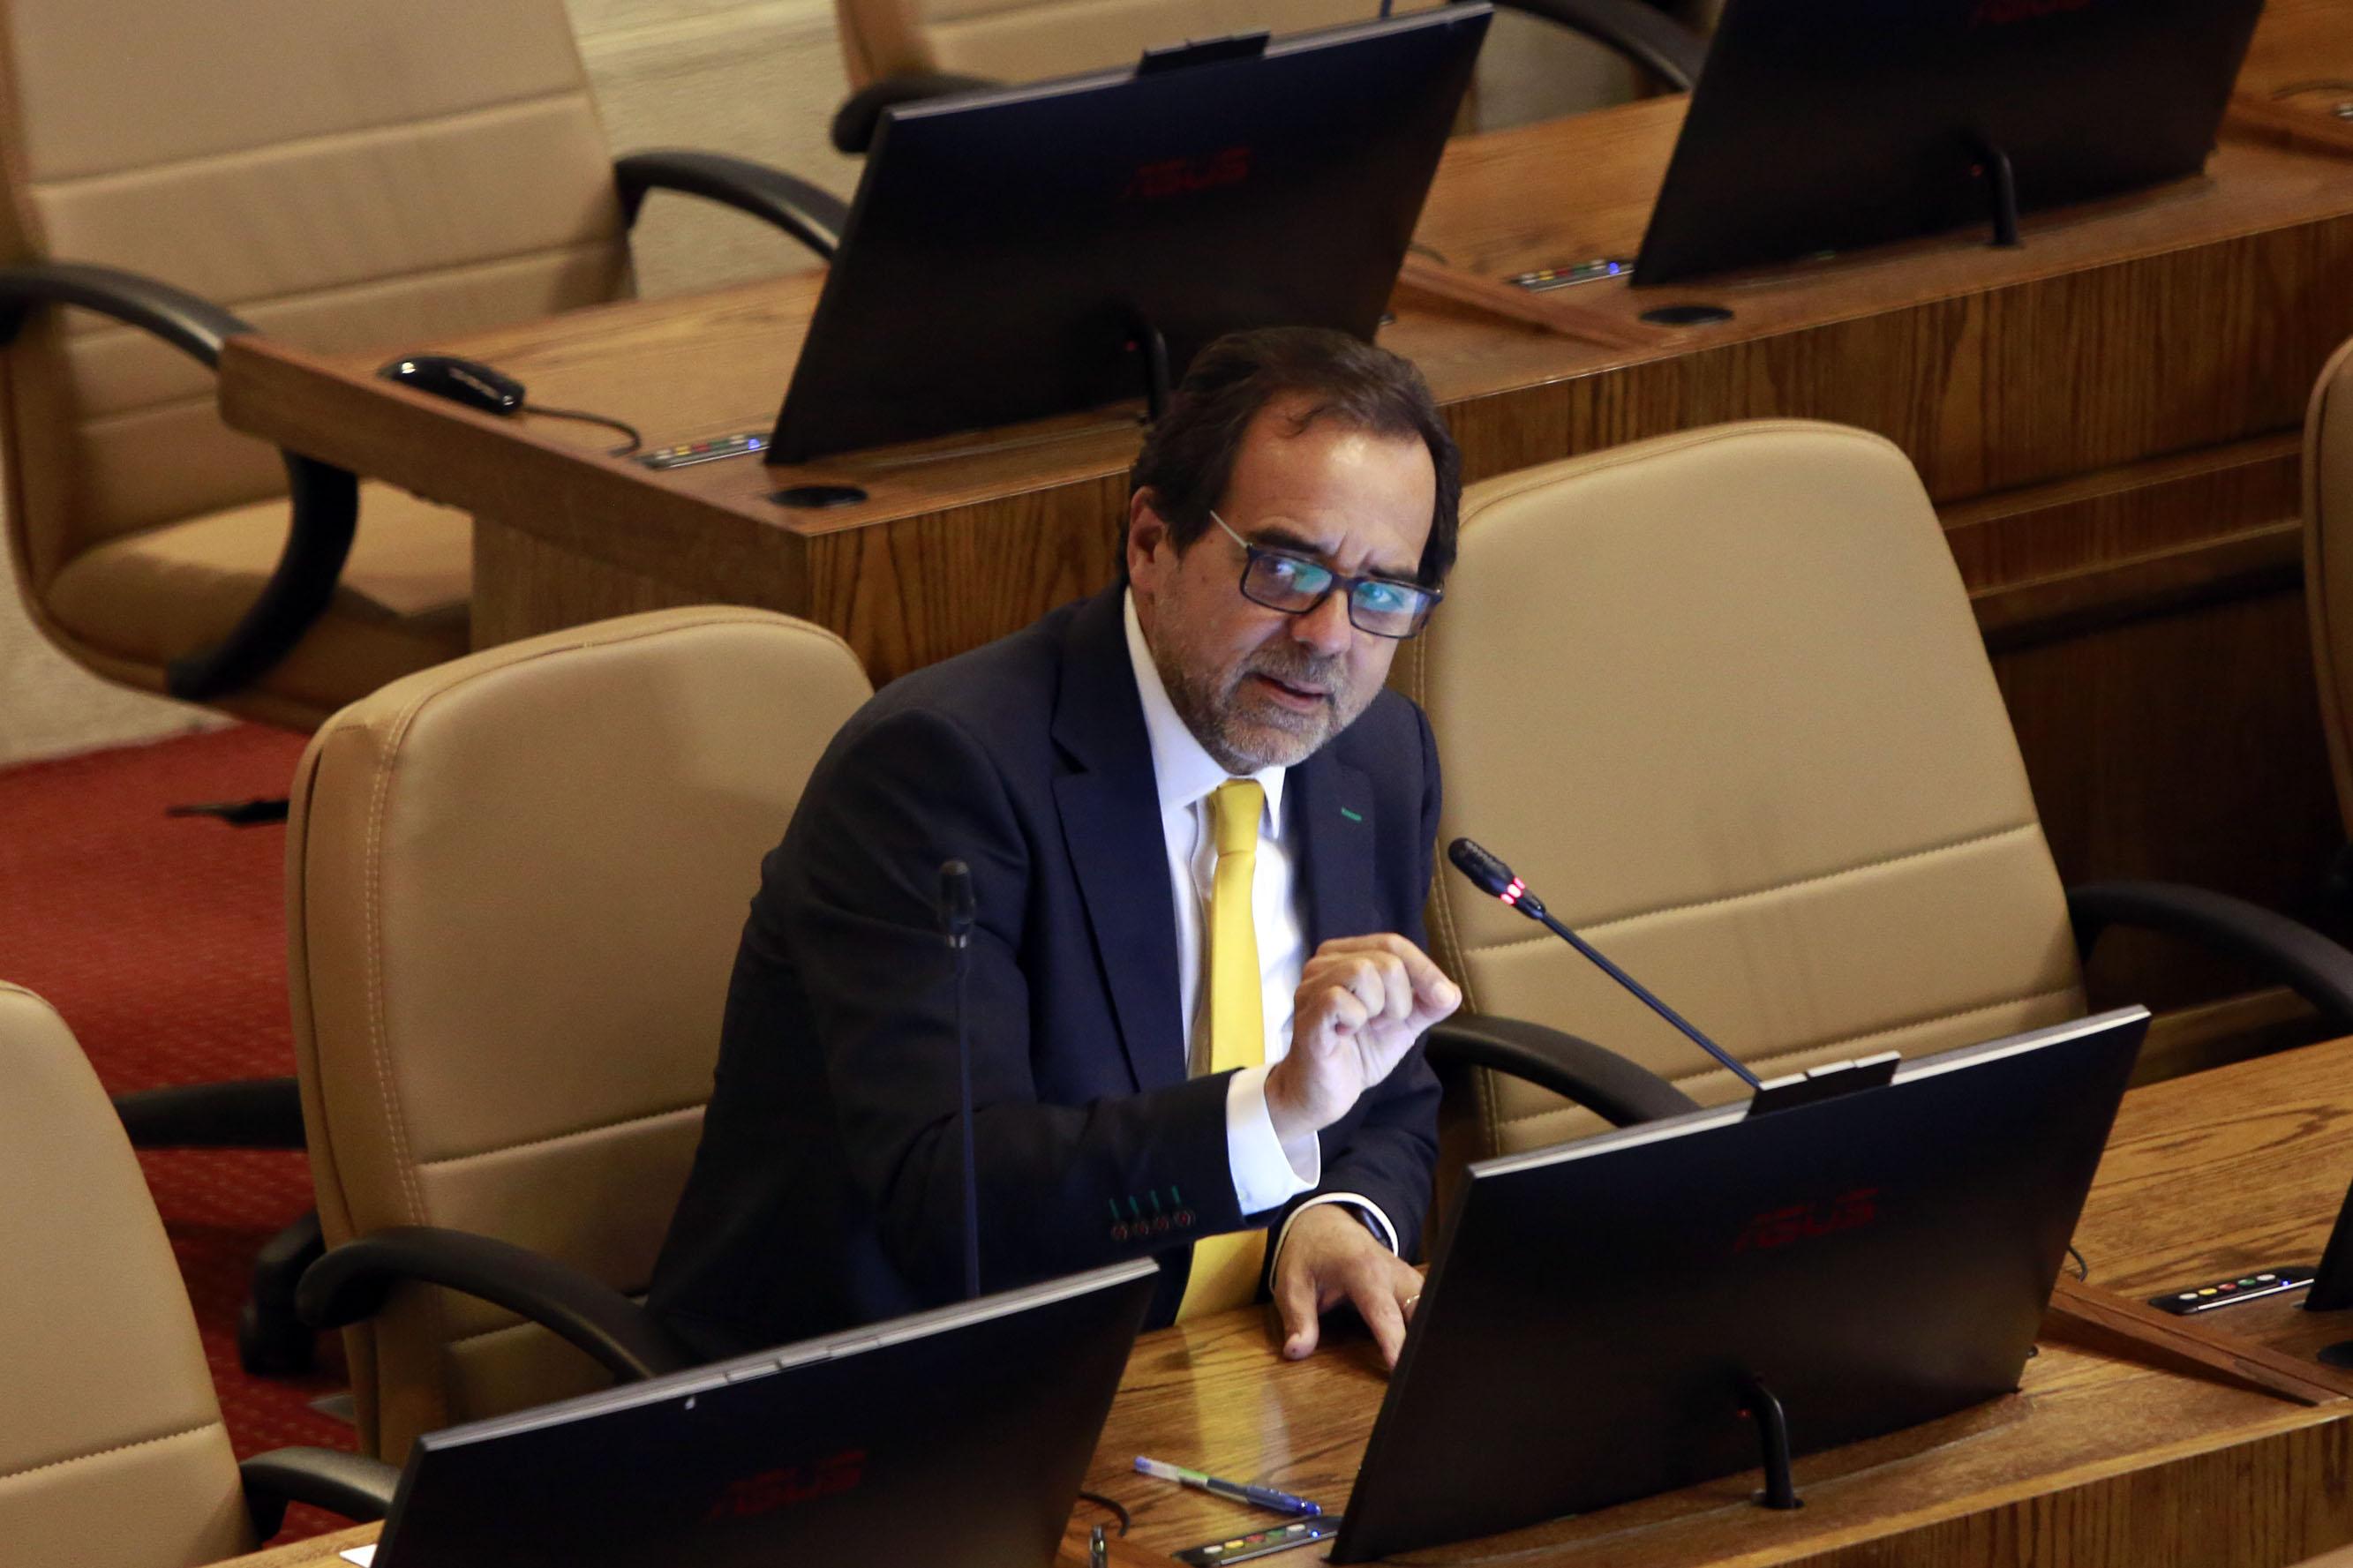 Cámara de Diputados aprobó proyecto de la Federación Regionalista Verde Social para suspender Consulta Indígena